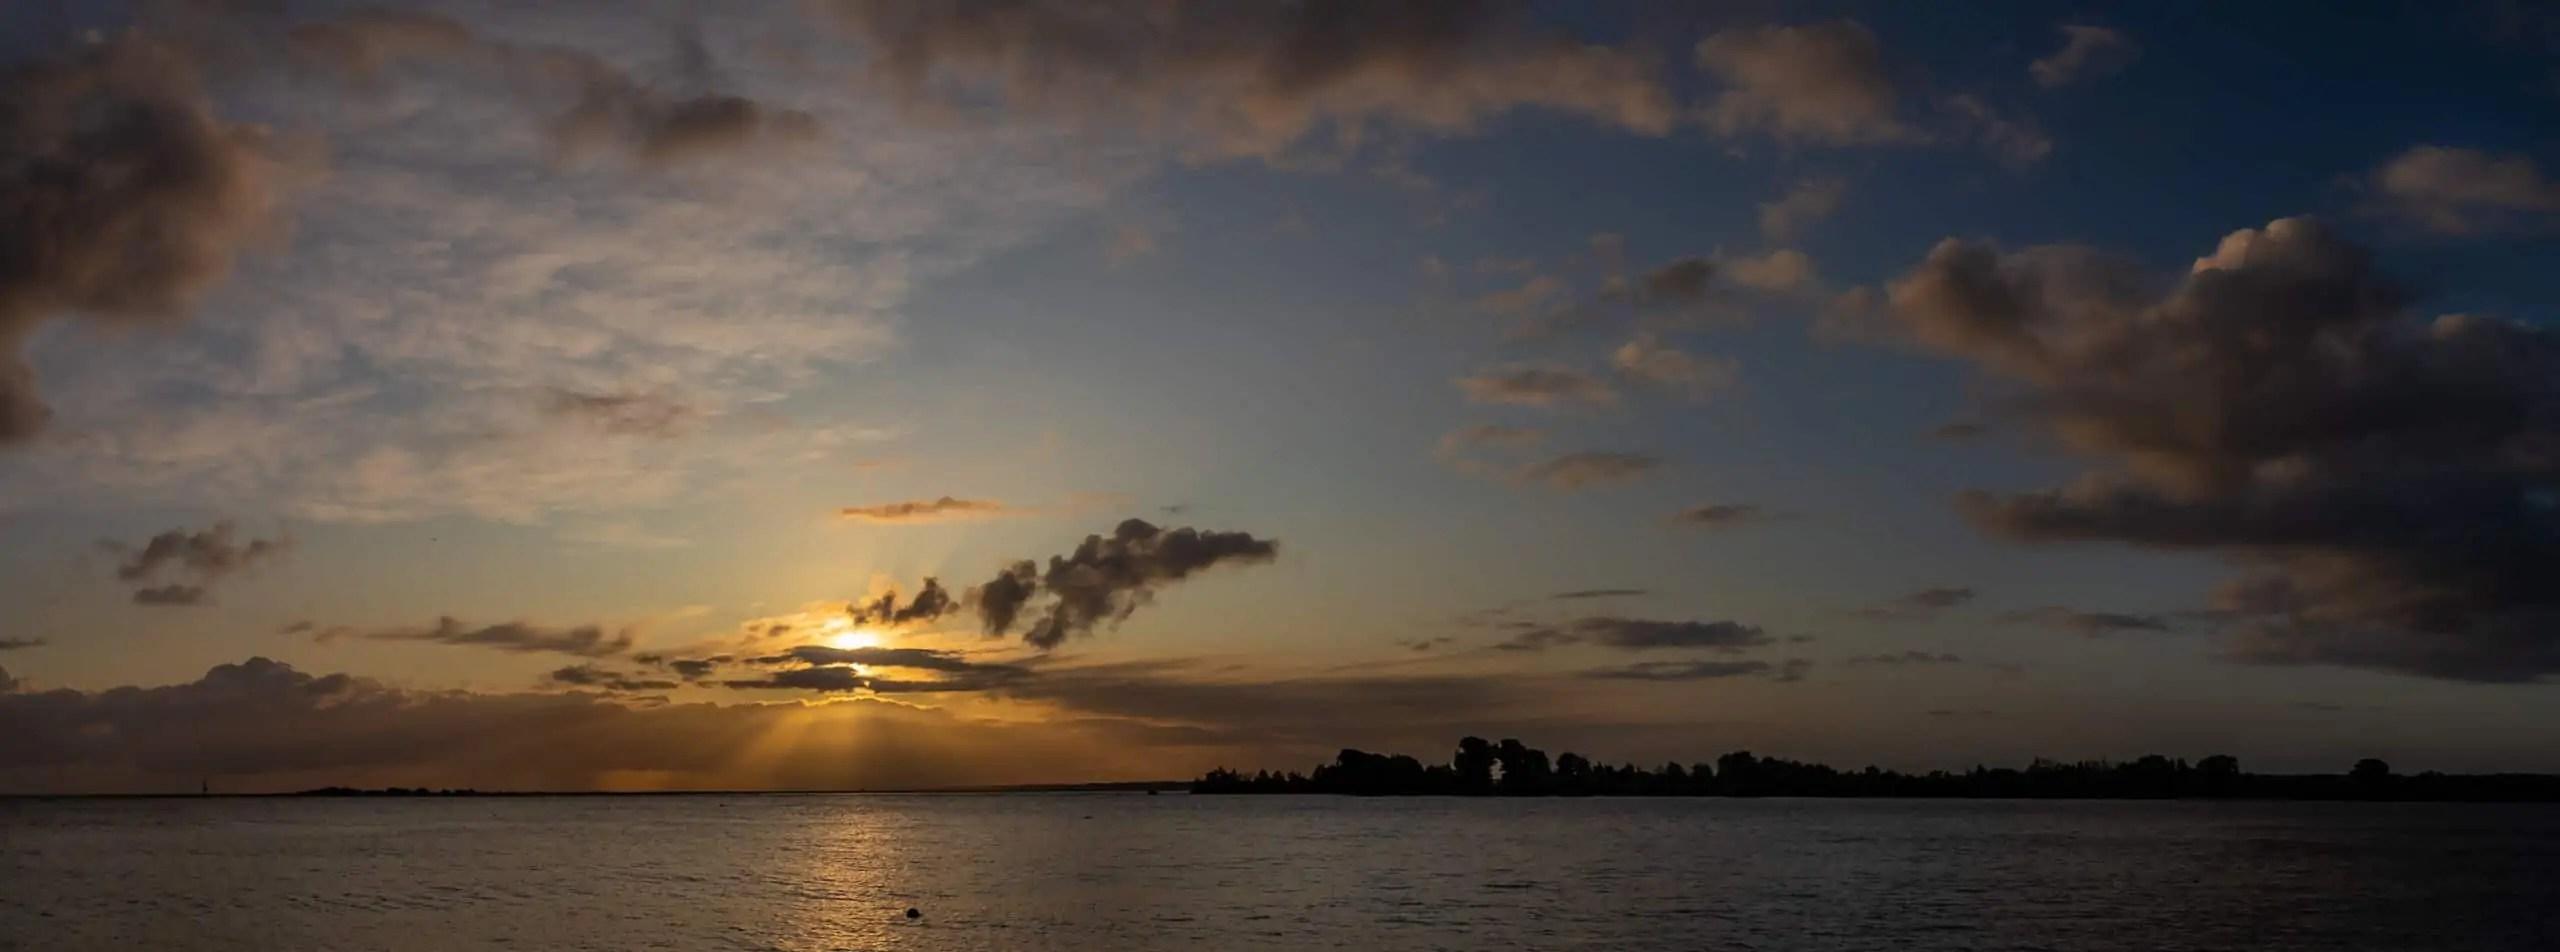 Wyspa Sobieszewska Mewia %C5%81acha wsch%C3%B3d s%C5%82o%C5%84ca 30 - Fotografie do druku